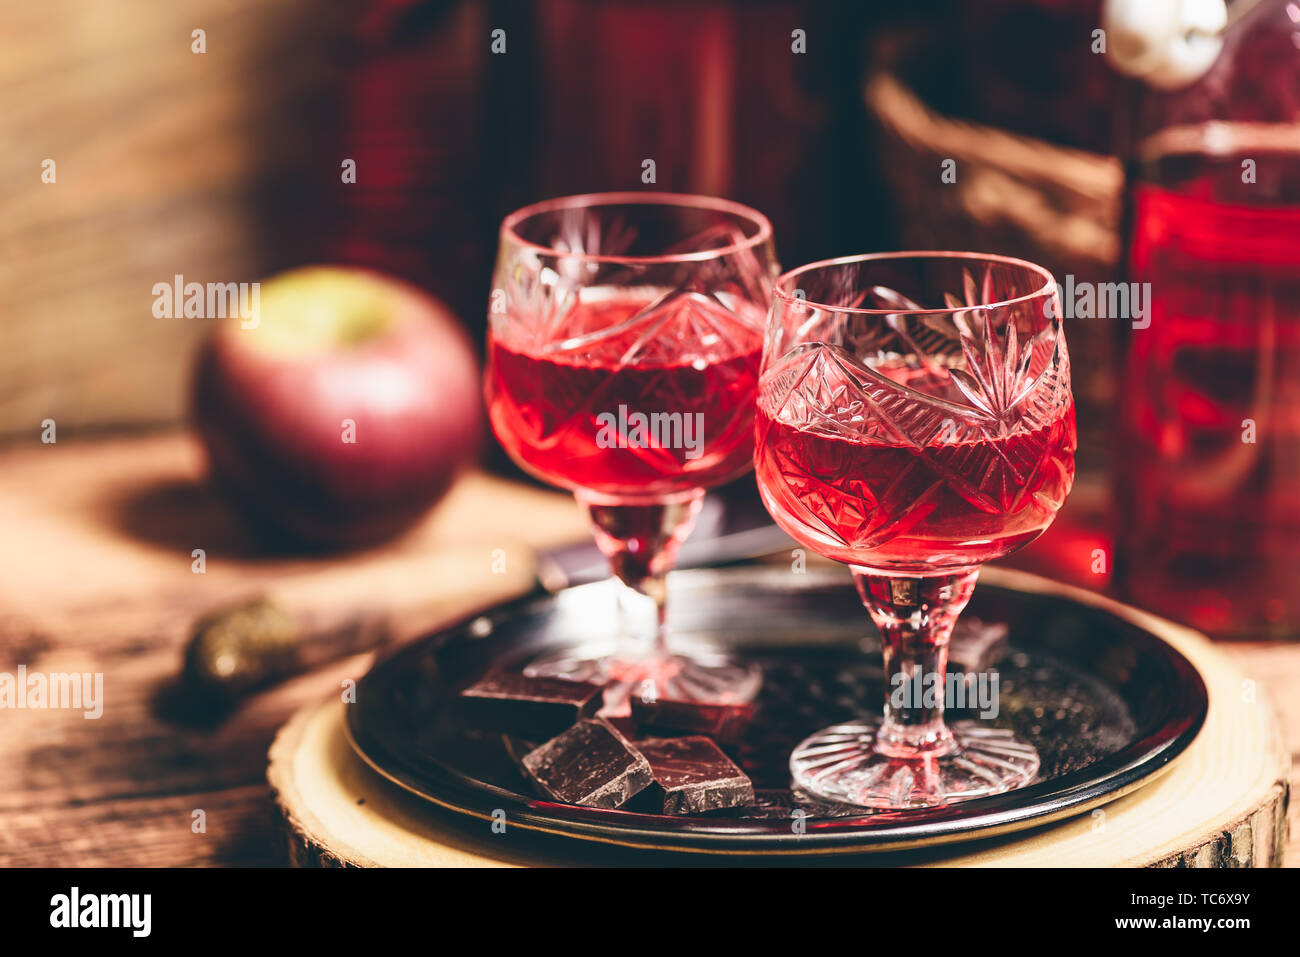 Des boissons alcoolisées et de Berry de chocolat sur le plateau métallique Banque D'Images